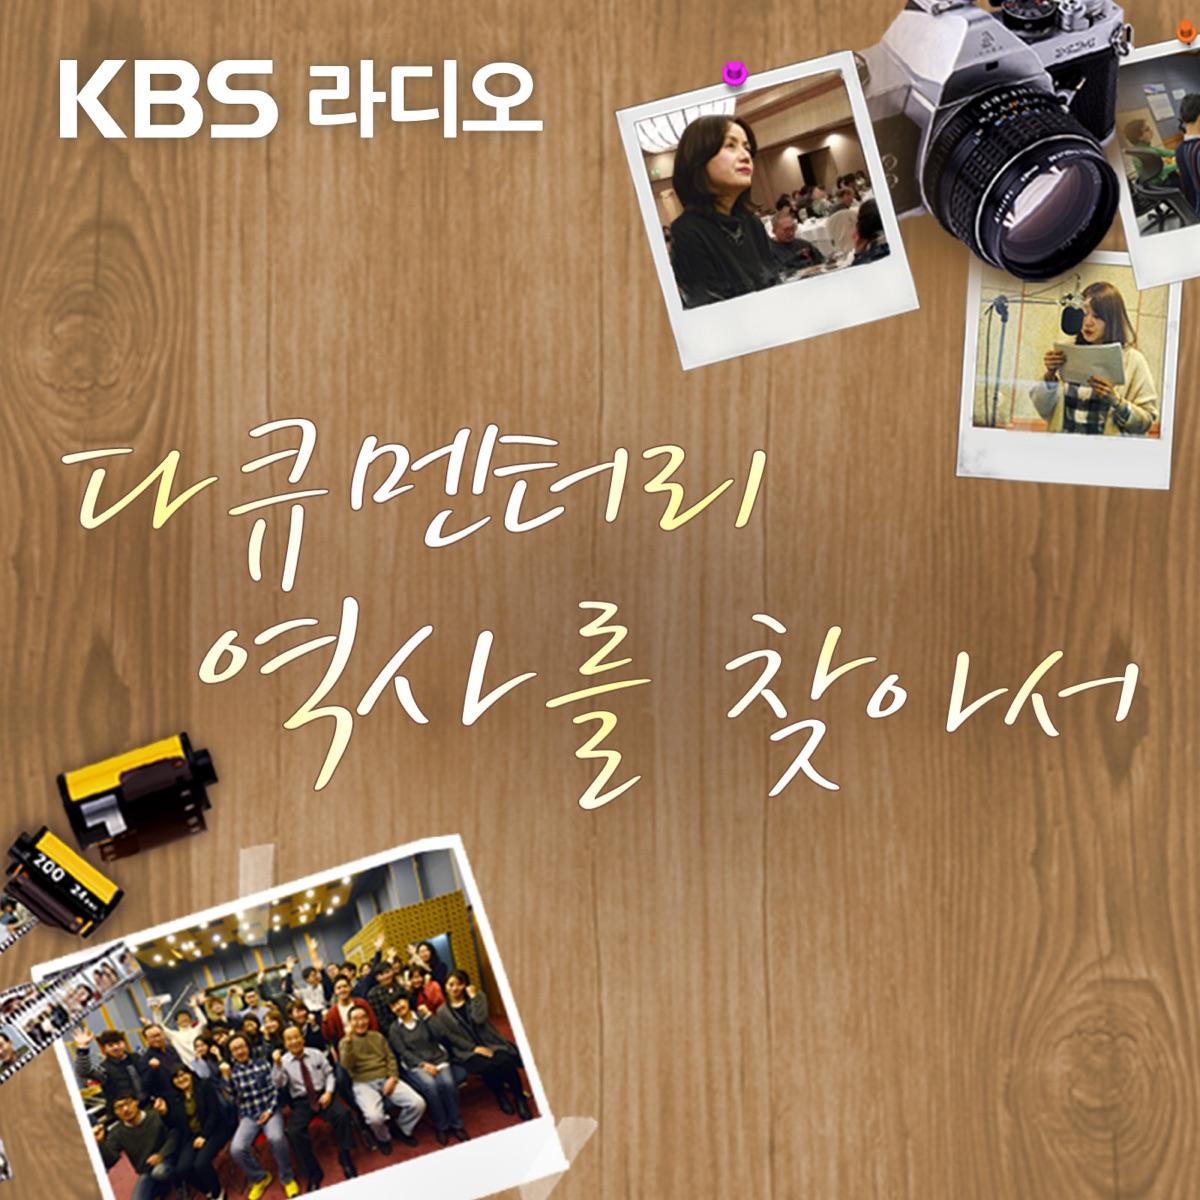 [KBS] 다큐멘터리 역사를 찾아서